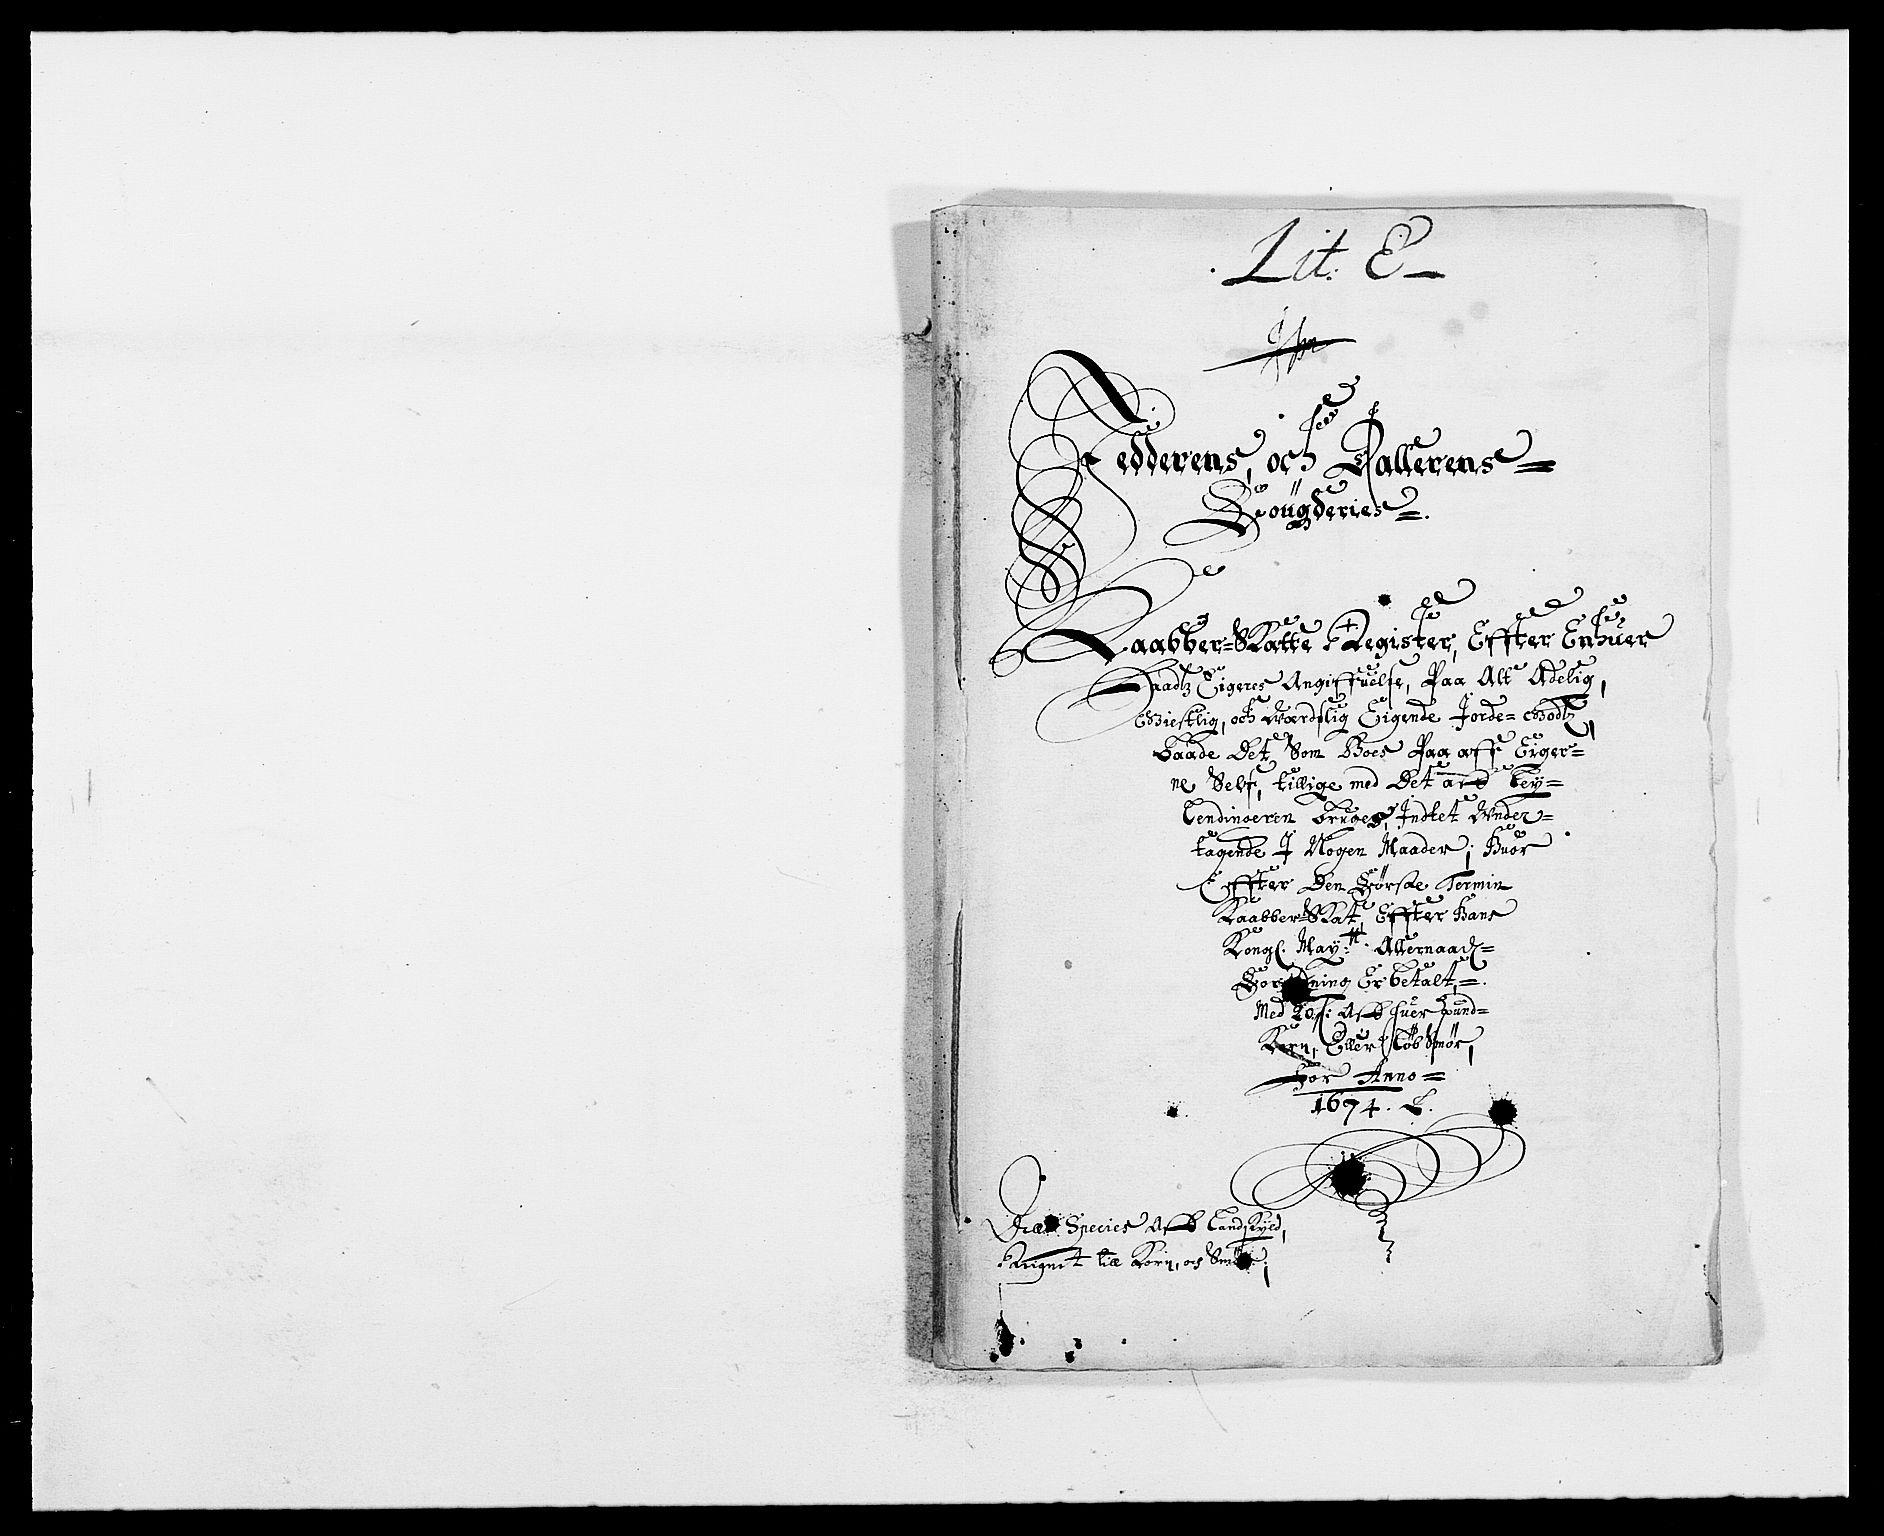 RA, Rentekammeret inntil 1814, Reviderte regnskaper, Fogderegnskap, R46/L2714: Fogderegnskap Jæren og Dalane, 1673-1674, s. 356